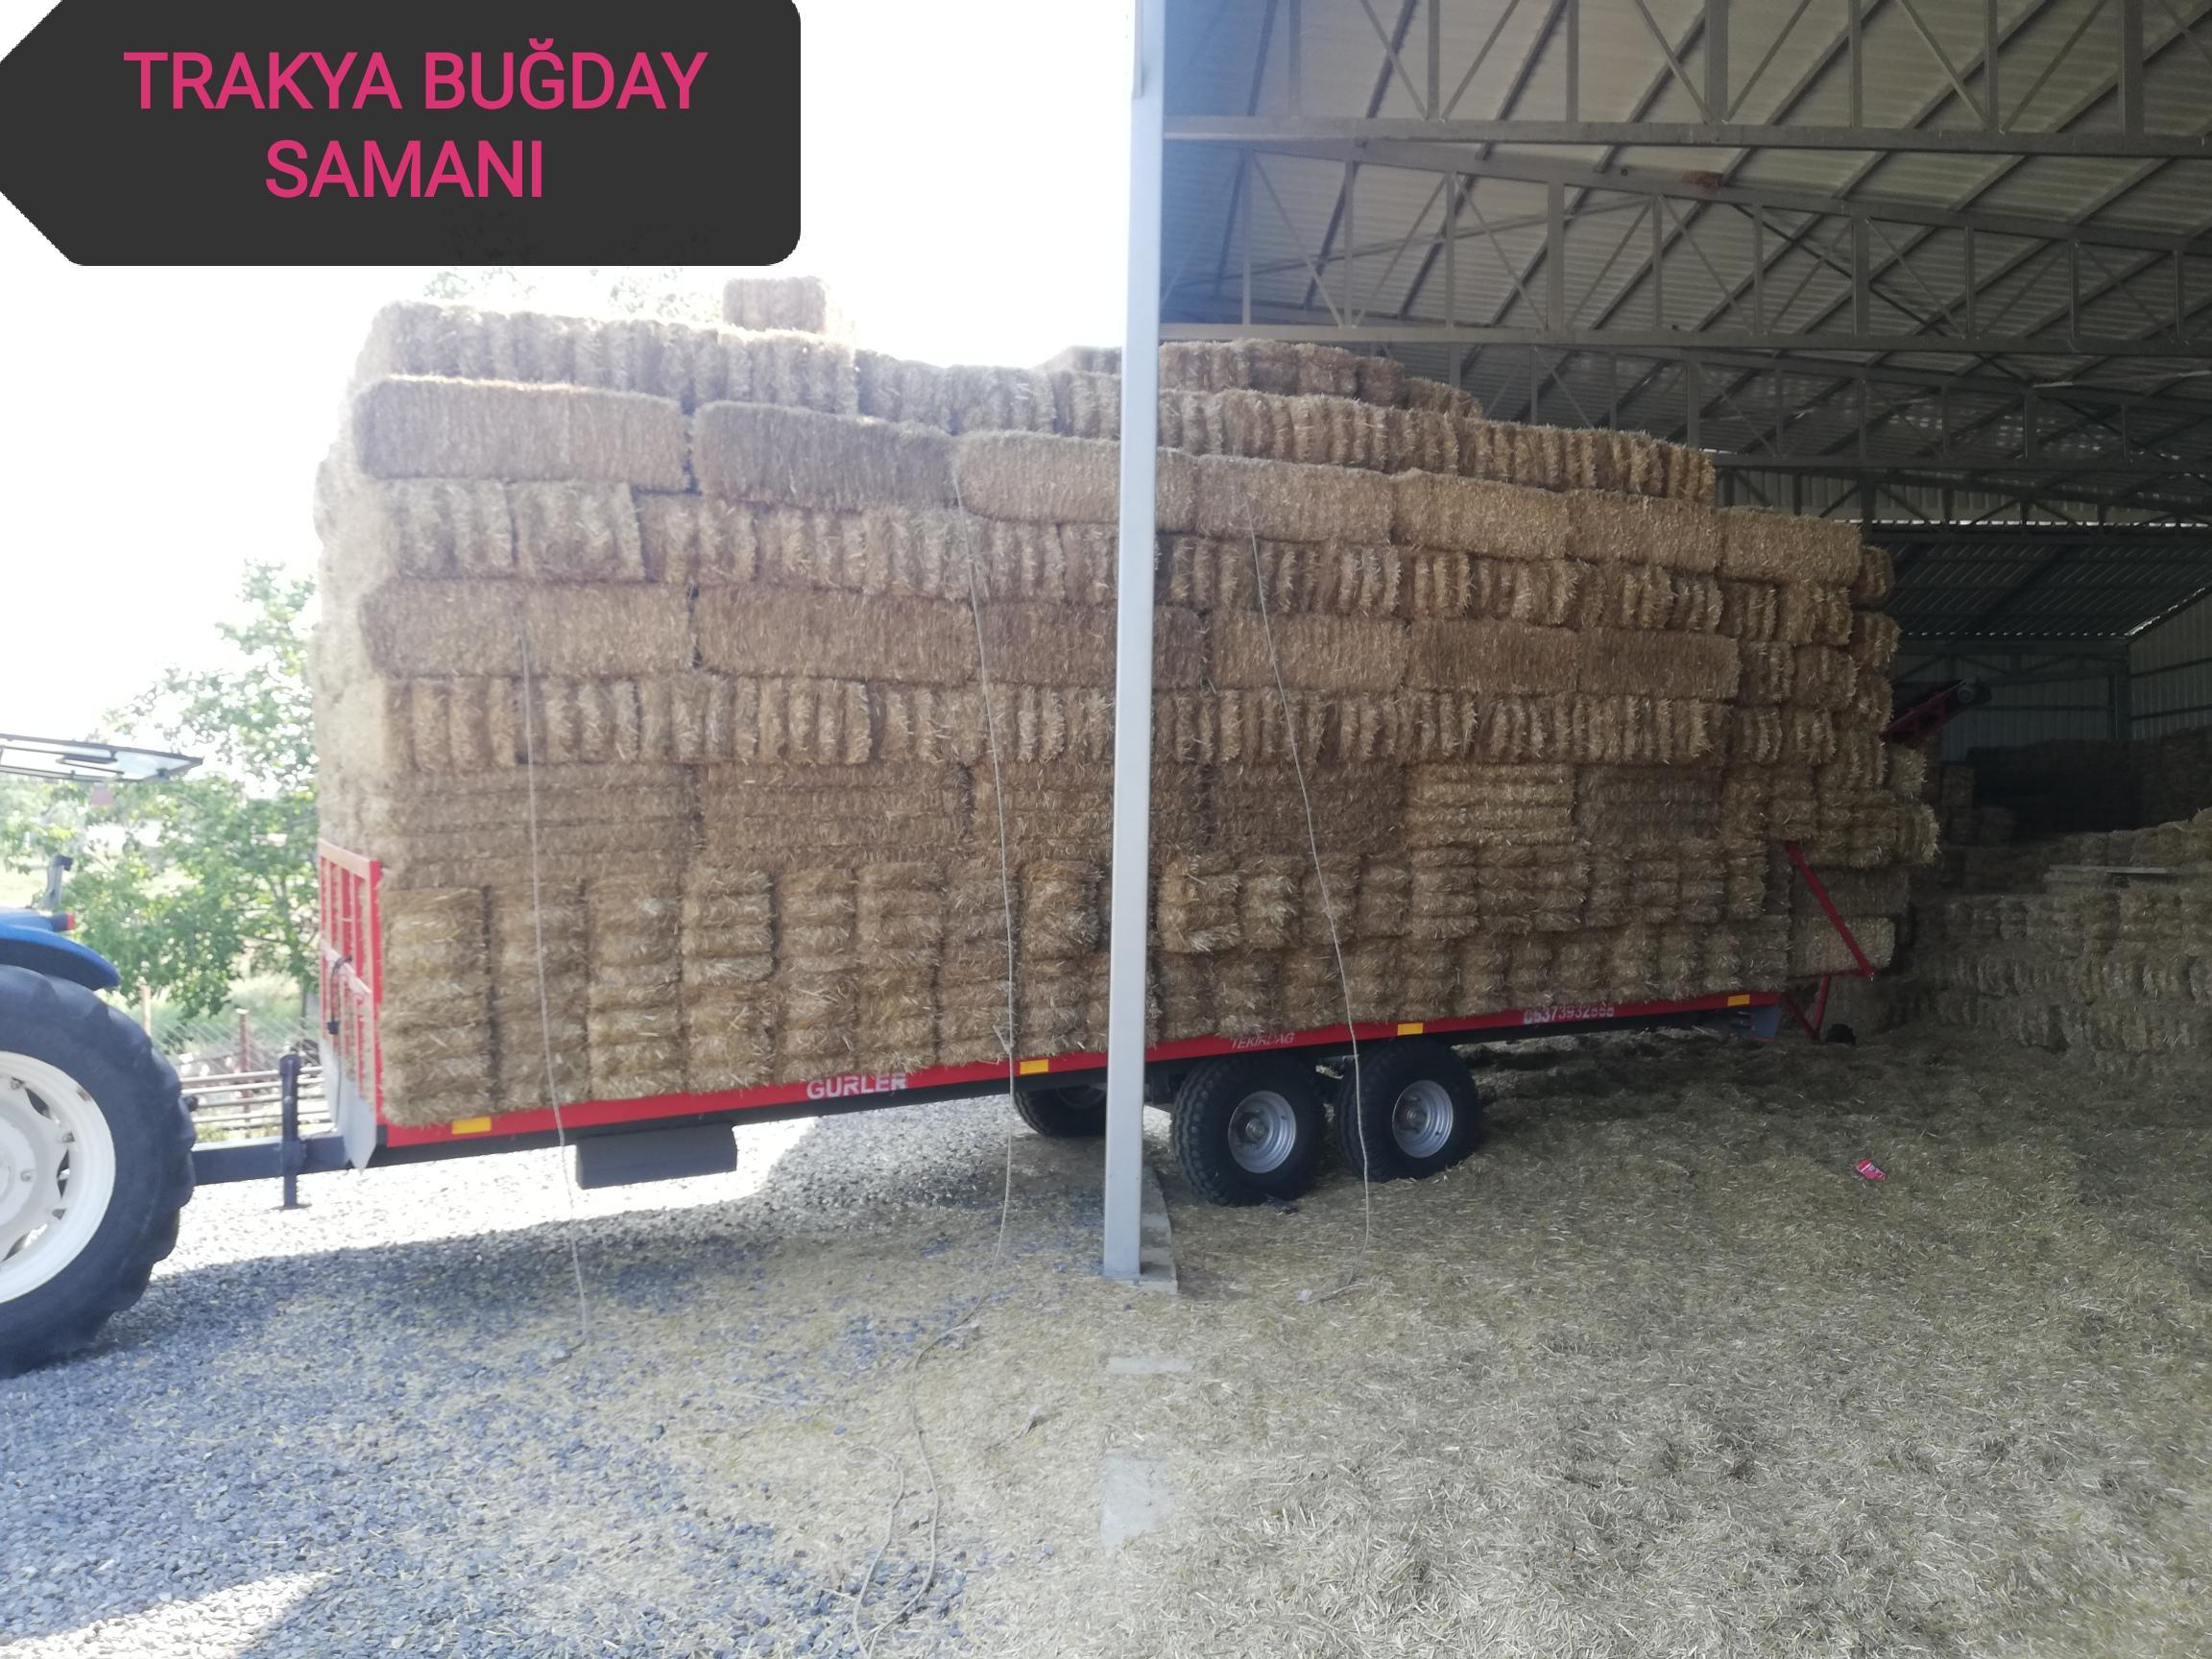 Tekirdağ Süleymanpaşa Satılık Buğday samanı